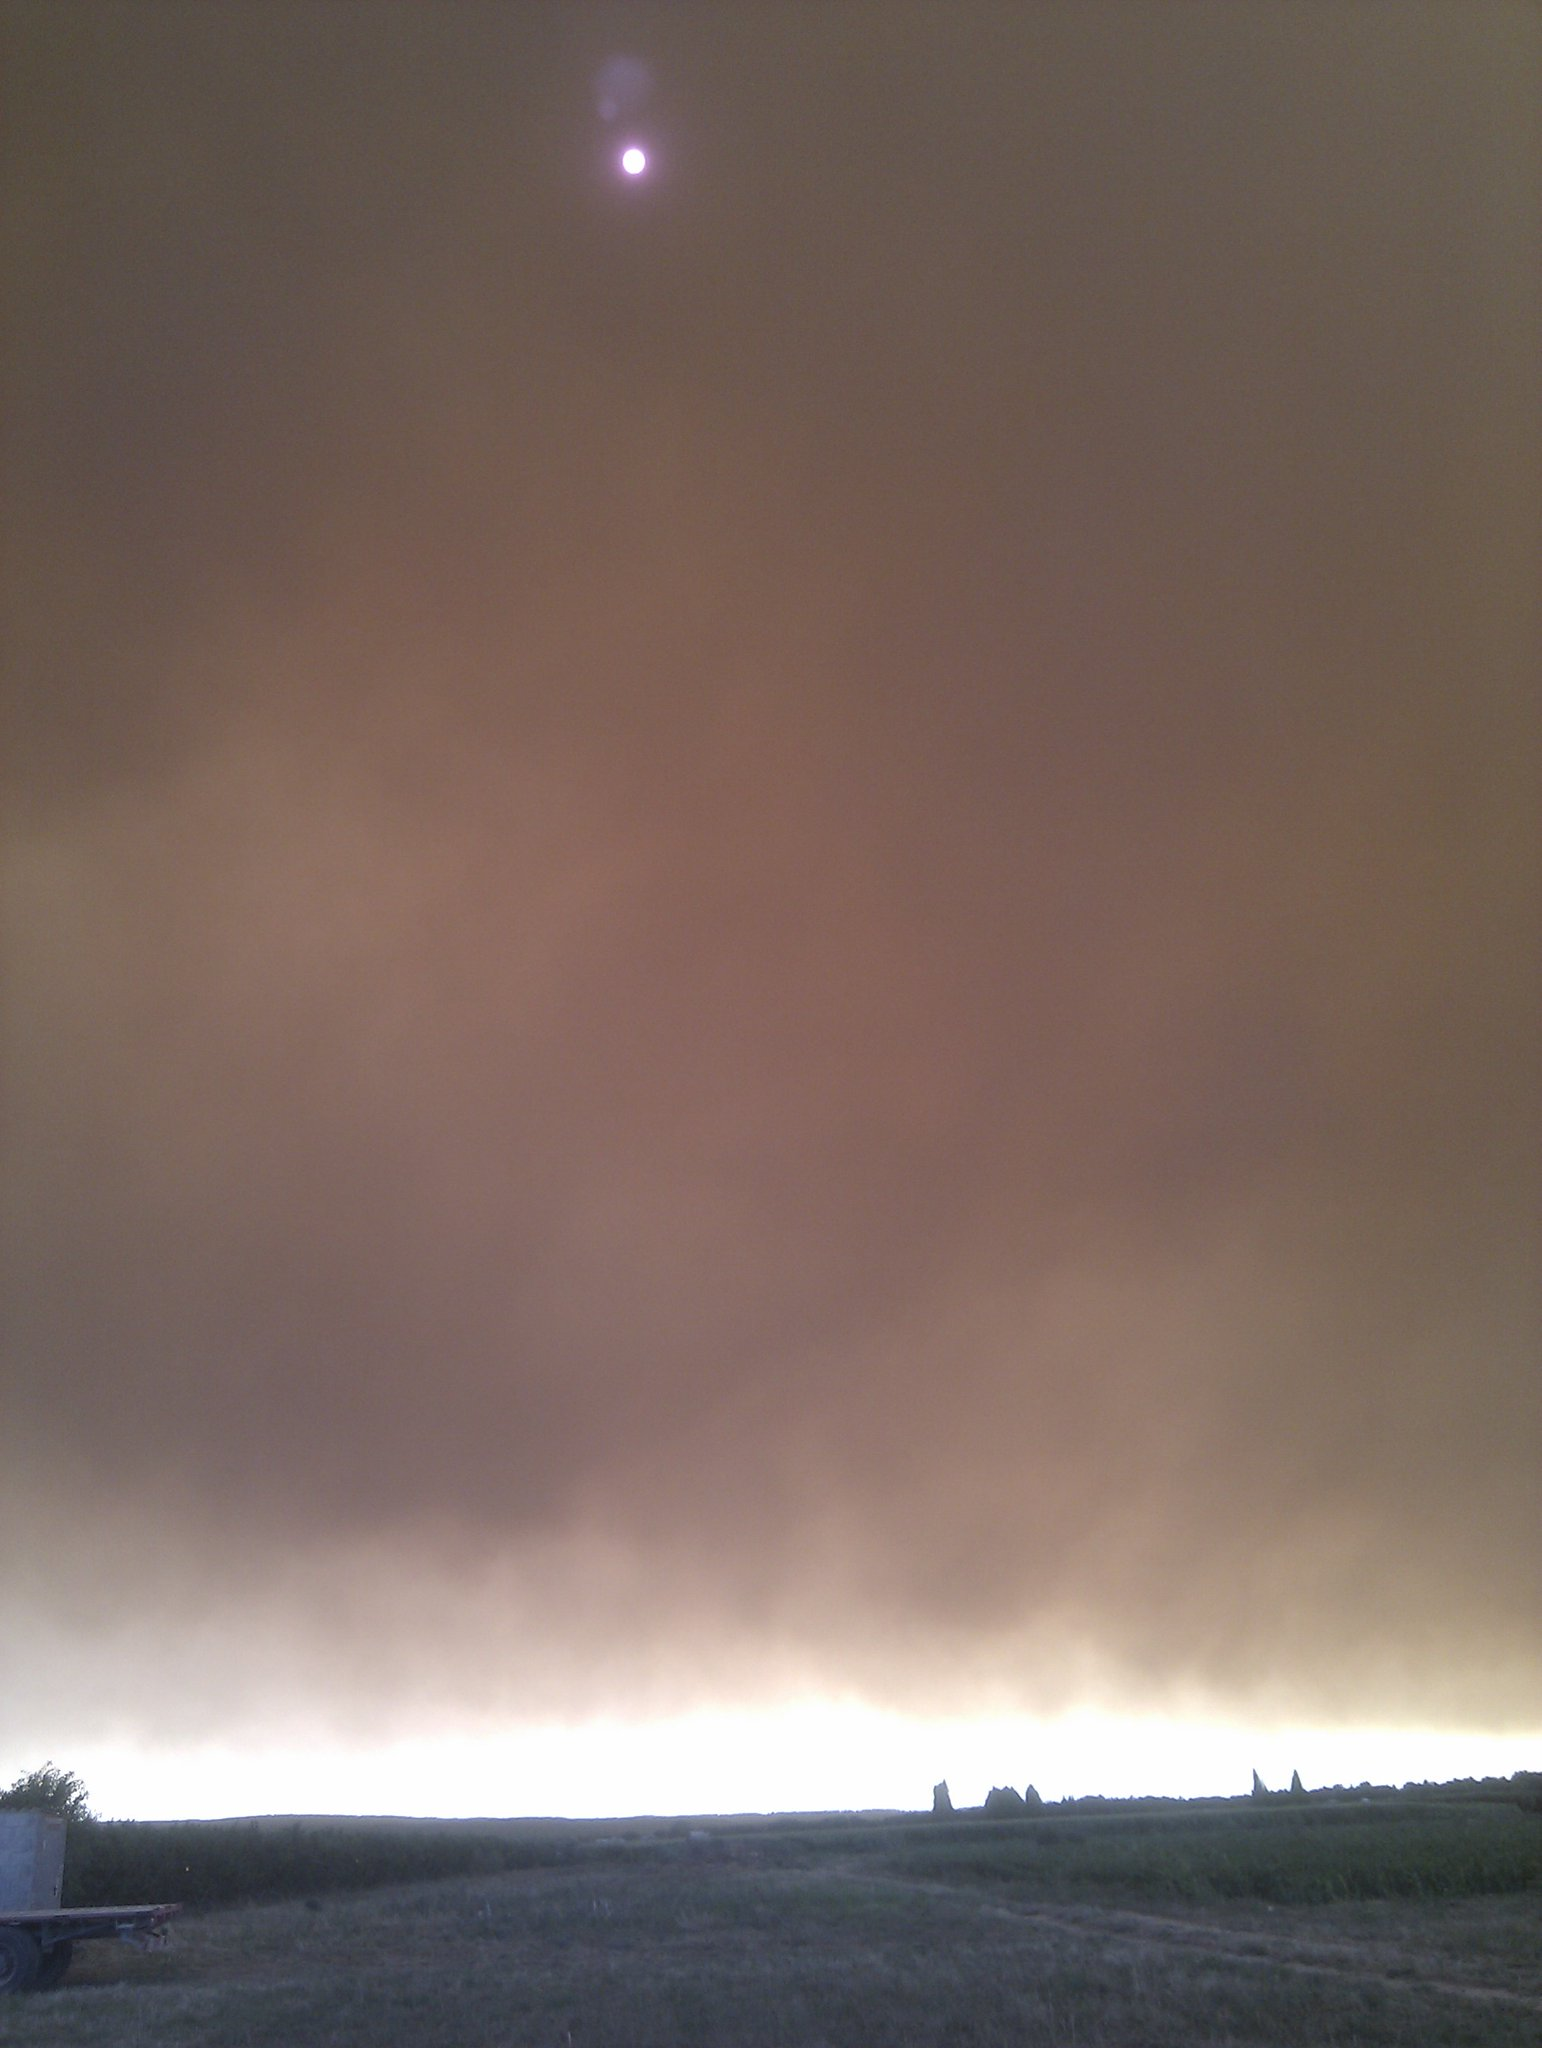 #incendi http://t.co/e3kTPxT6